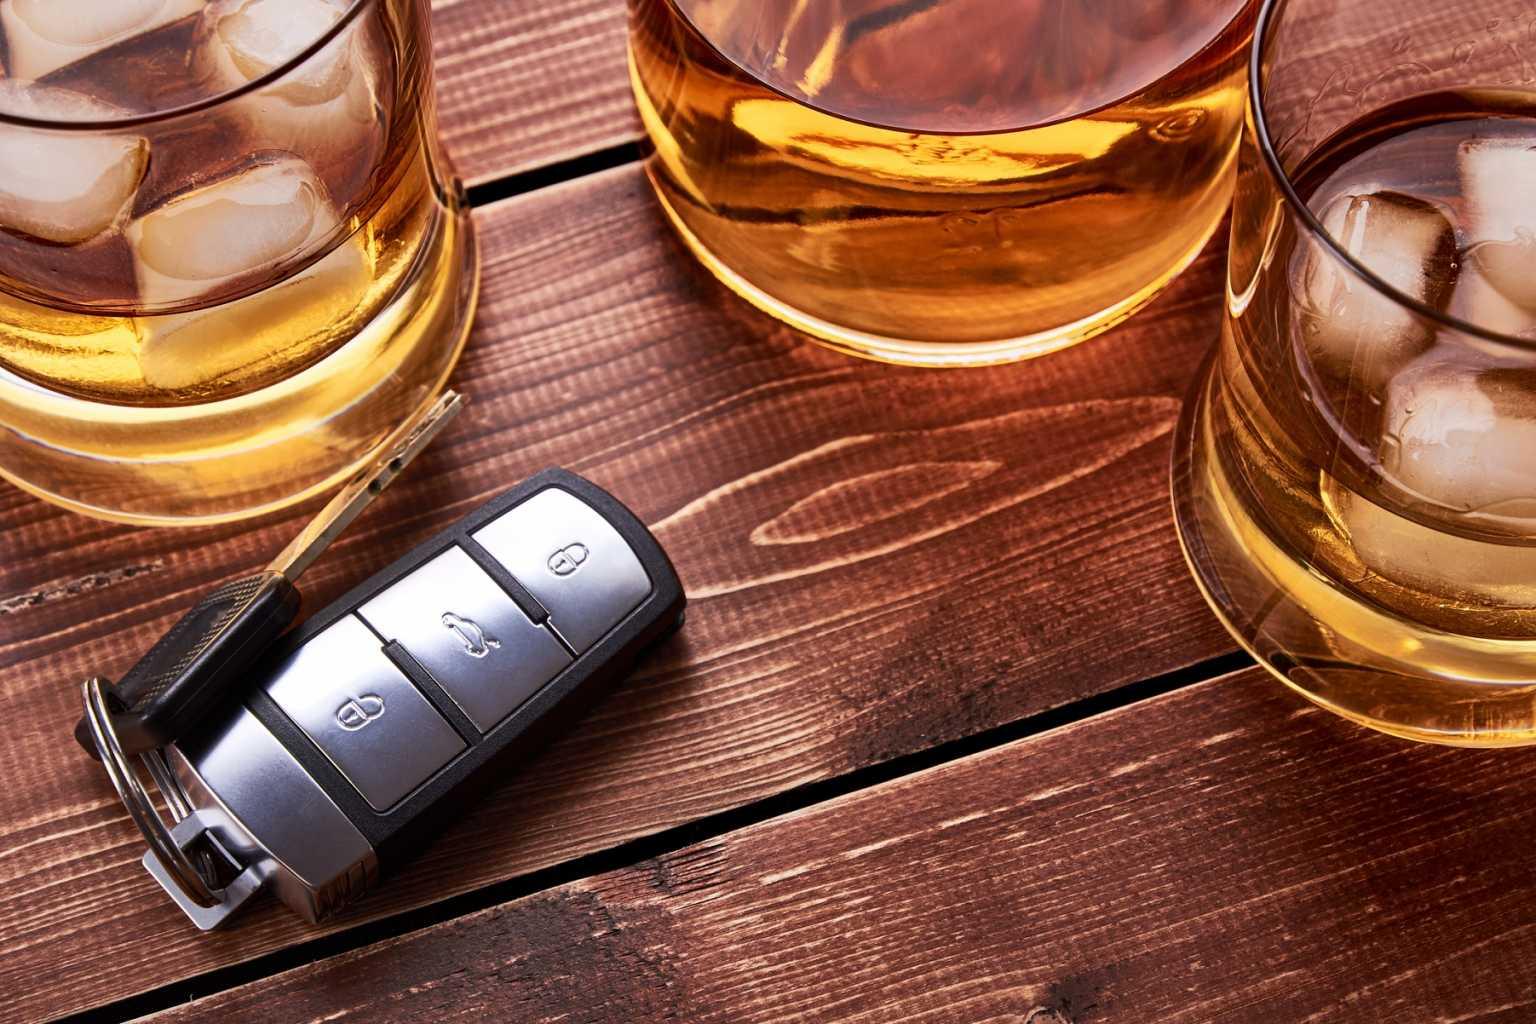 Ρωσία: 24 οι νεκροί από κατανάλωση νοθευμένου αλκοόλ